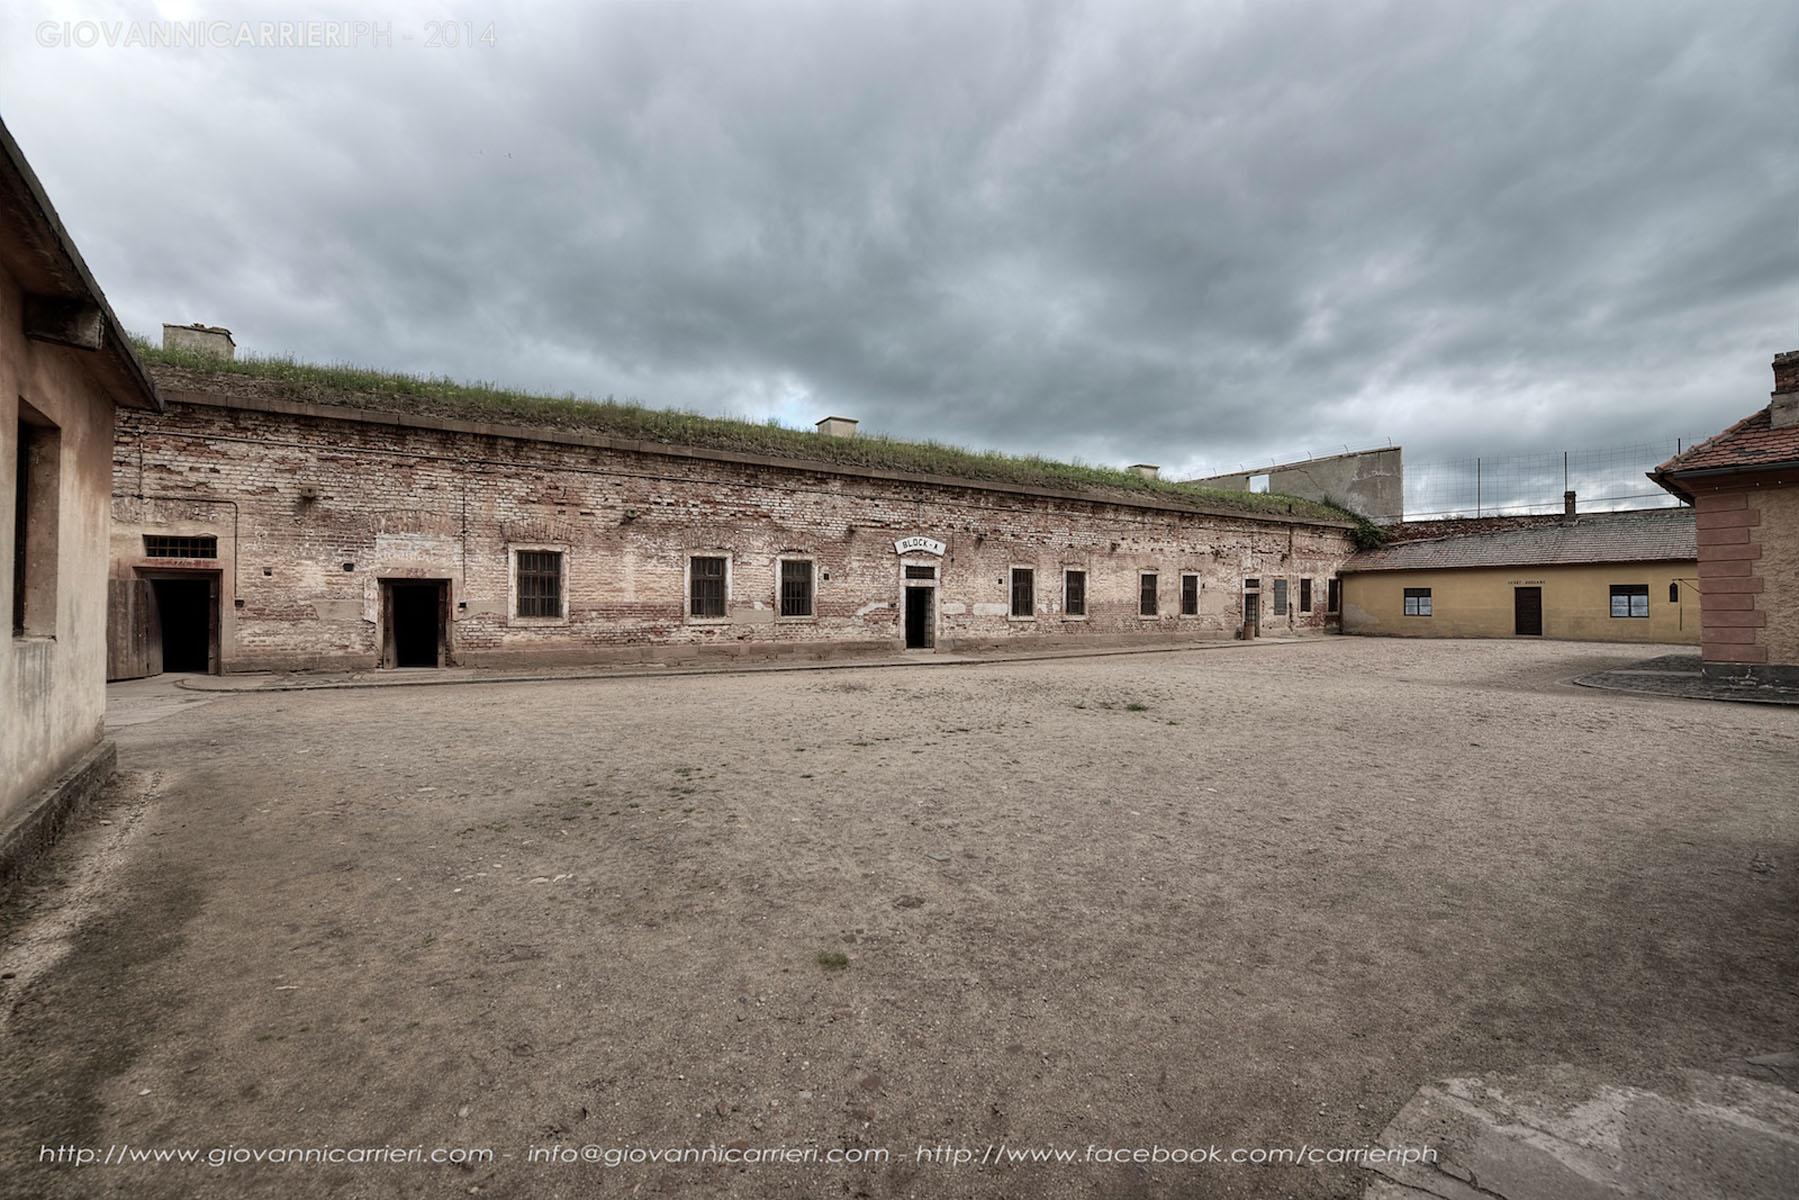 Il cortile del Blocco A e B - Theresienstadt